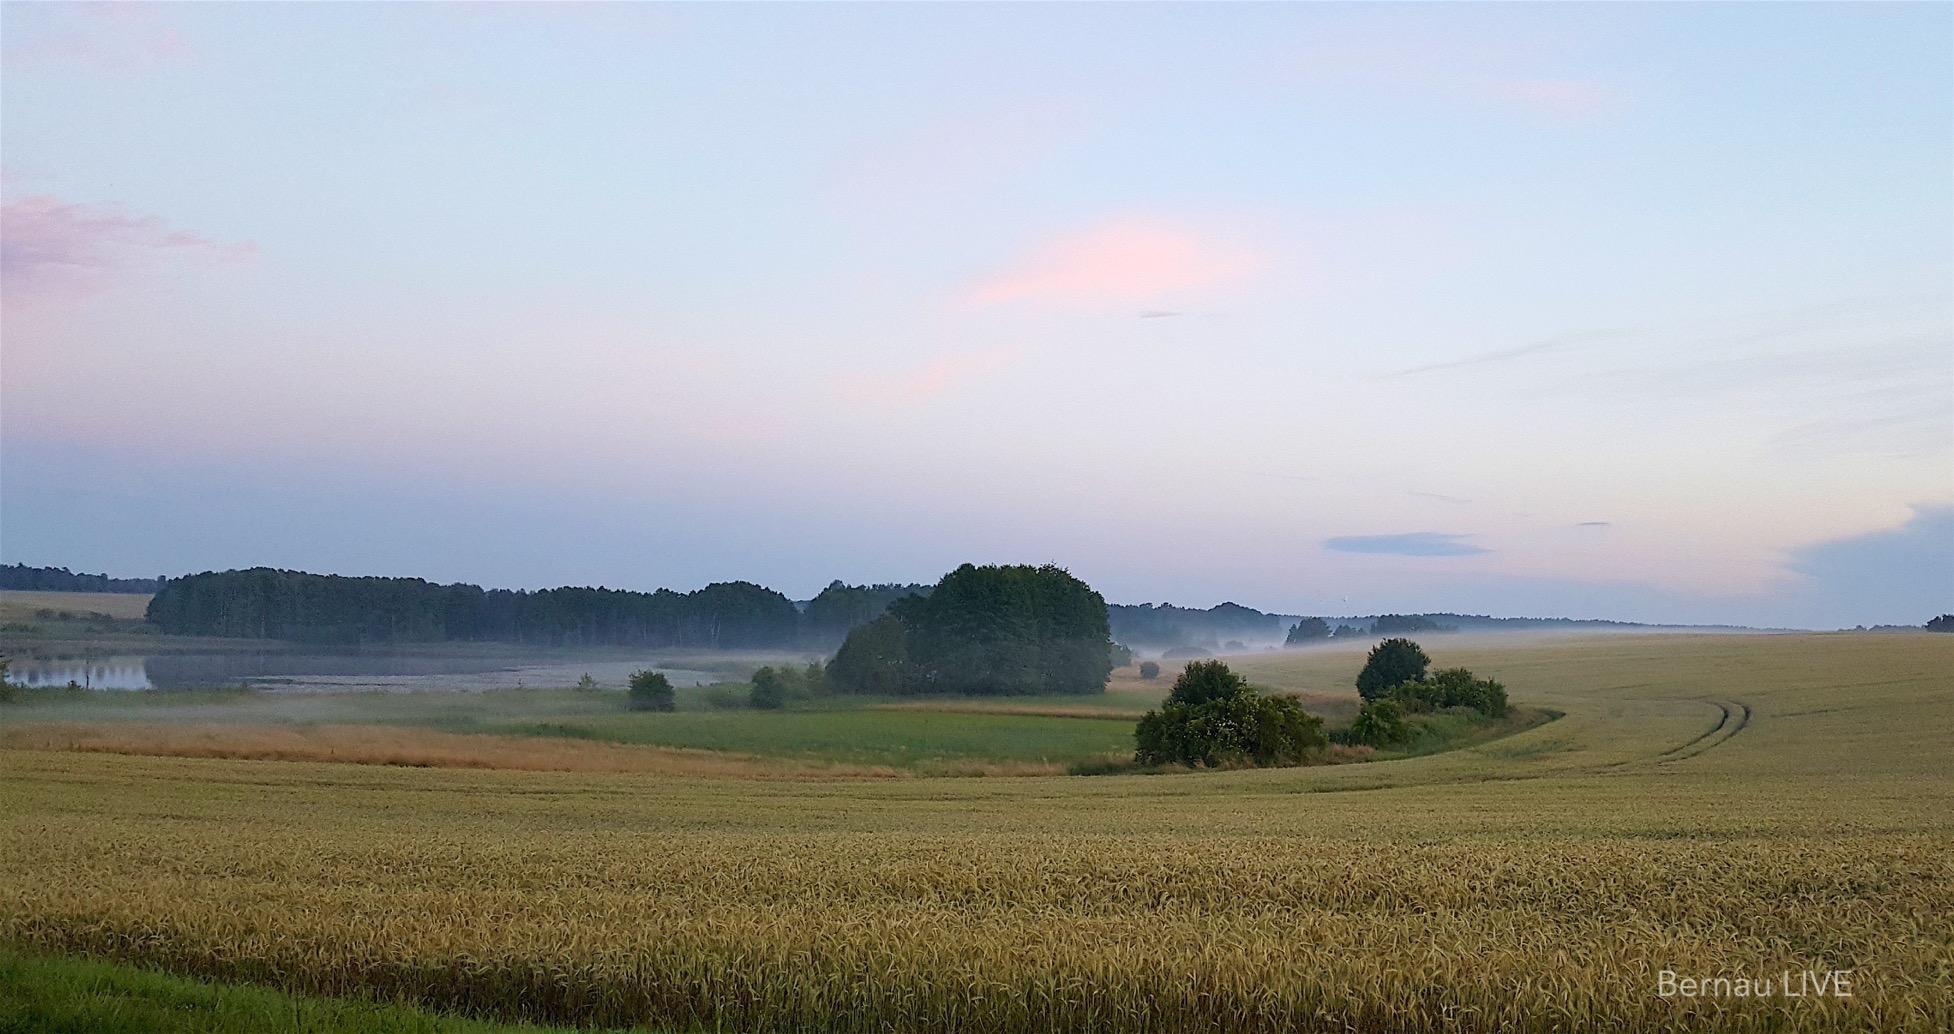 Bernau: Guten Morgen am längsten Tag des Jahres